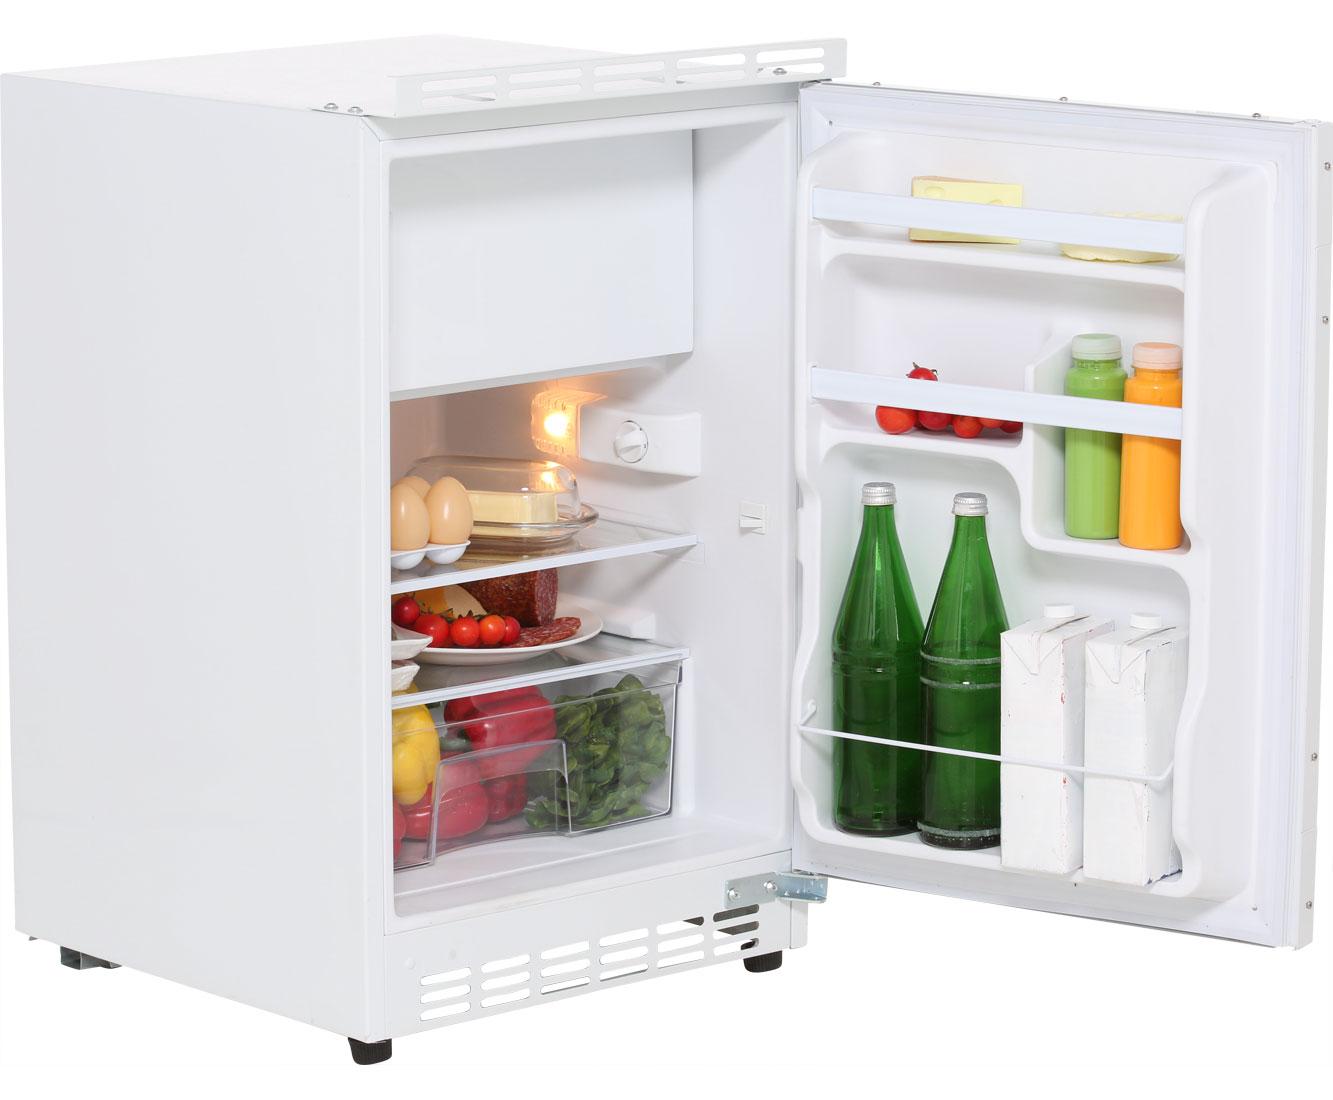 Gorenje Kühlschrank Ohne Gefrierfach : Gorenje ru a unterbau kühlschrank mit gefrierfach er